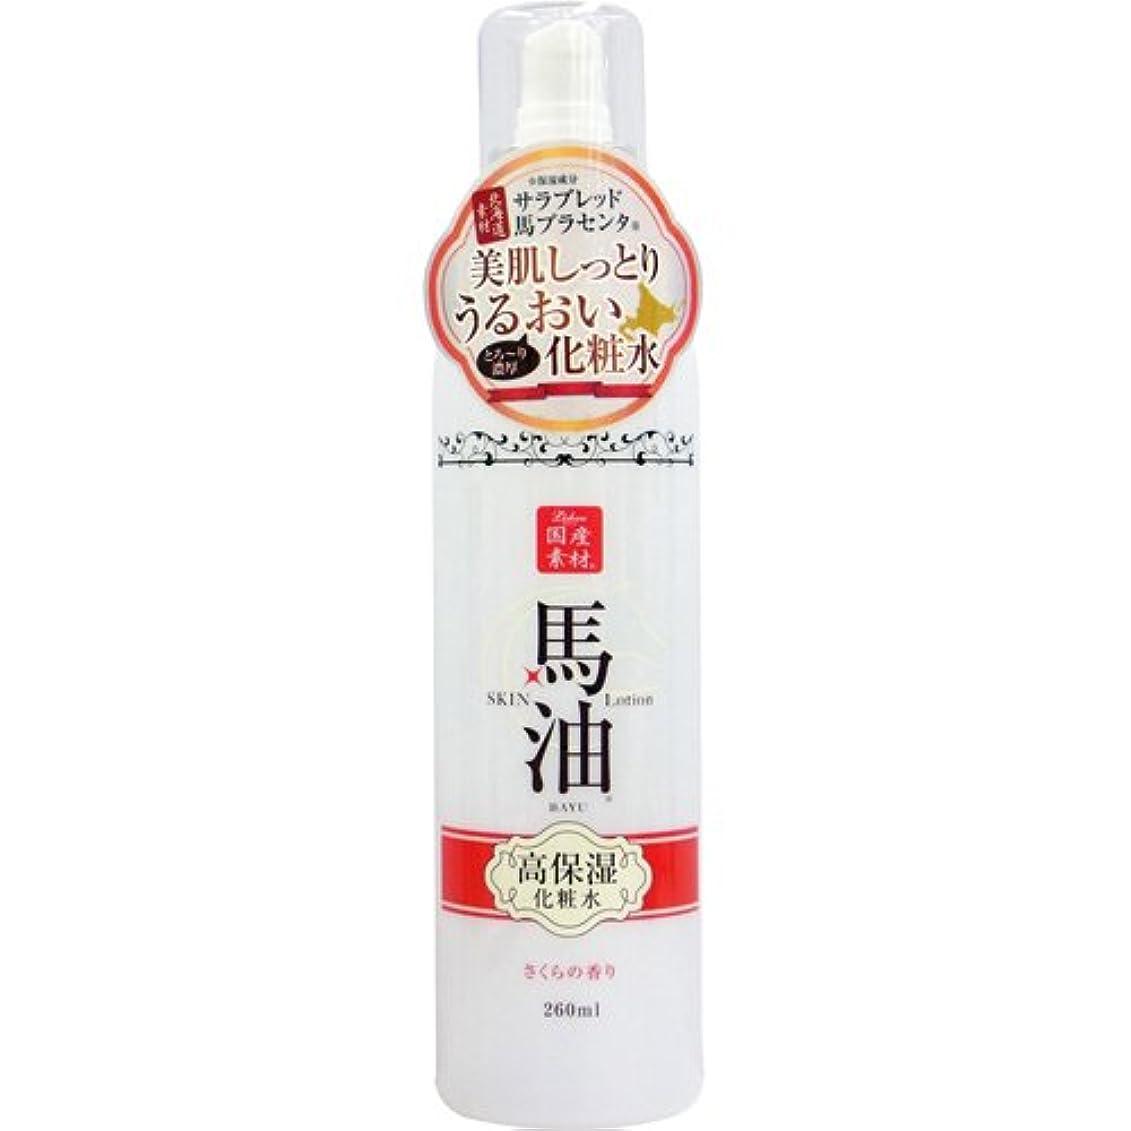 バーマド百万馬力リシャン 馬油化粧水 (さくらの香り) (260mL)